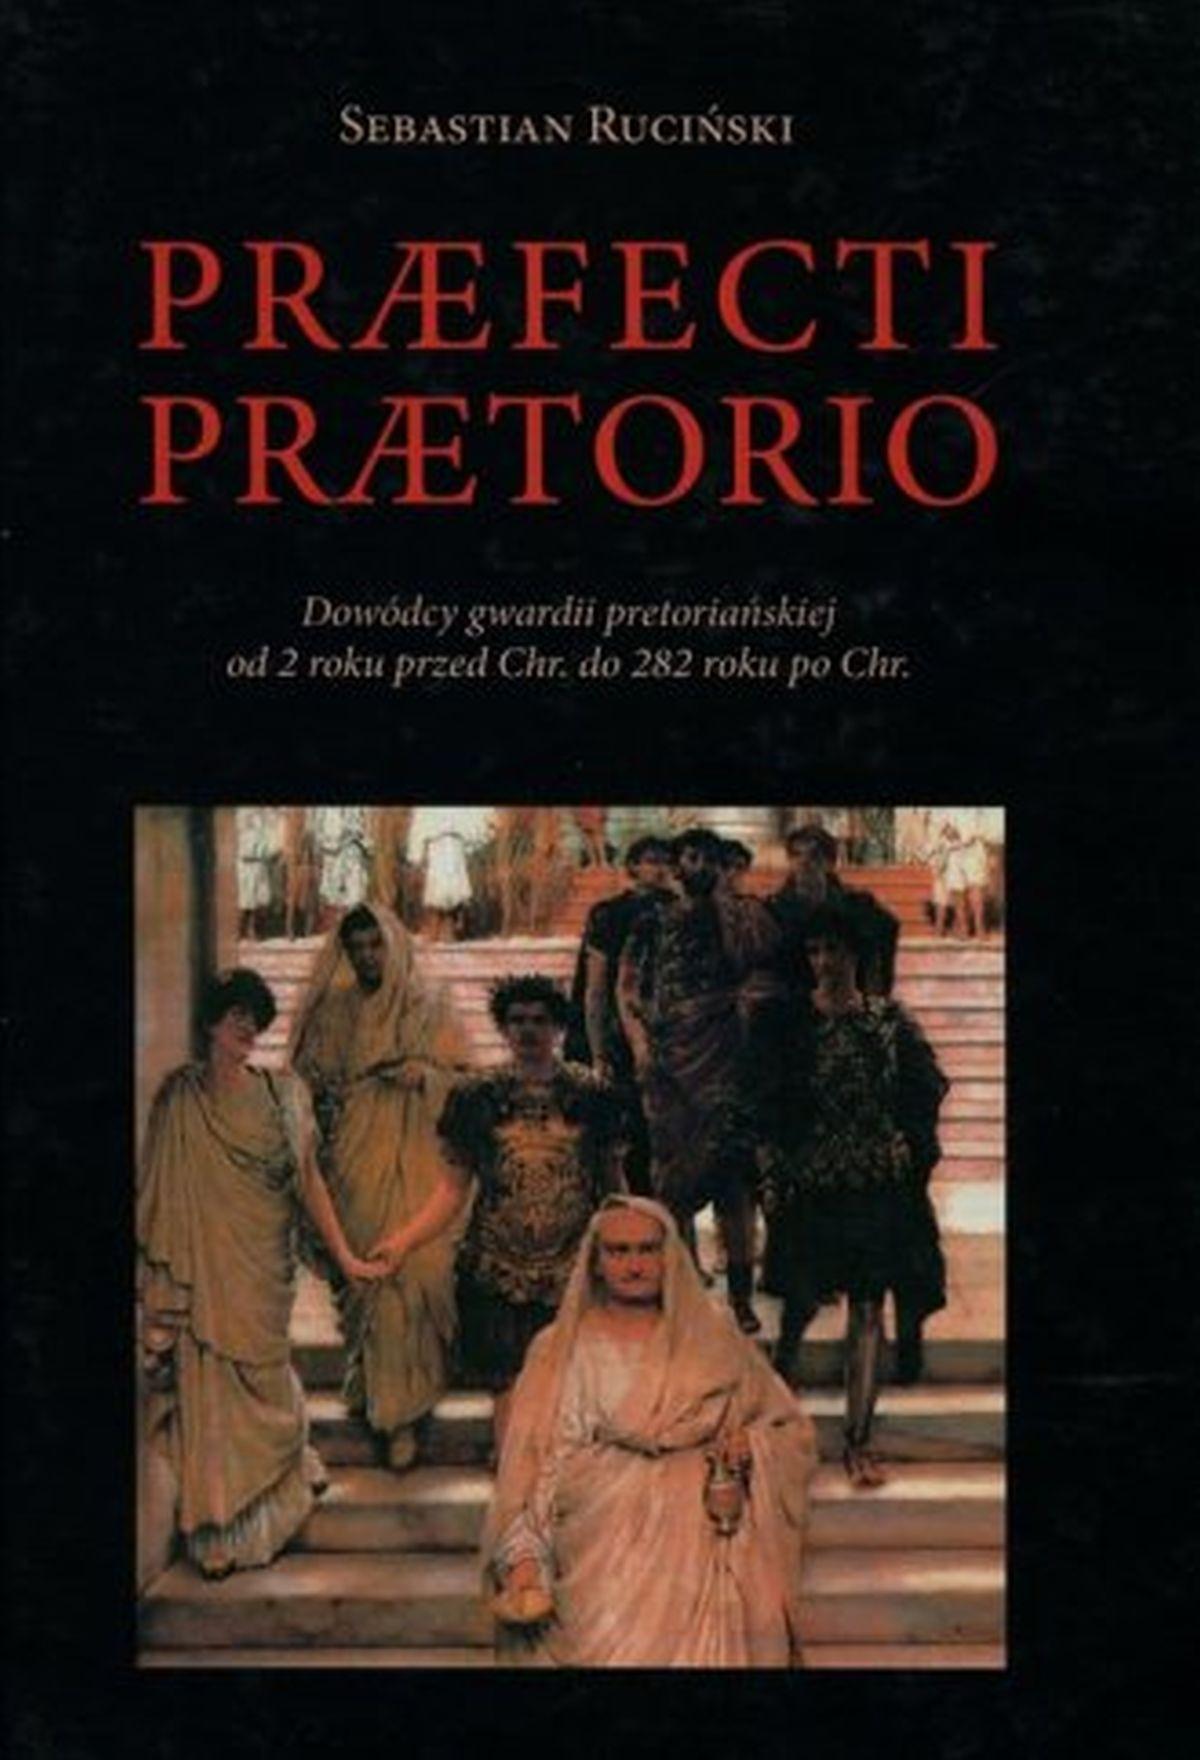 Praefecti Praetorio. Dowódcy gwardii pretoriańskiej od 2 roku przed Chr. do 282 po Chr.